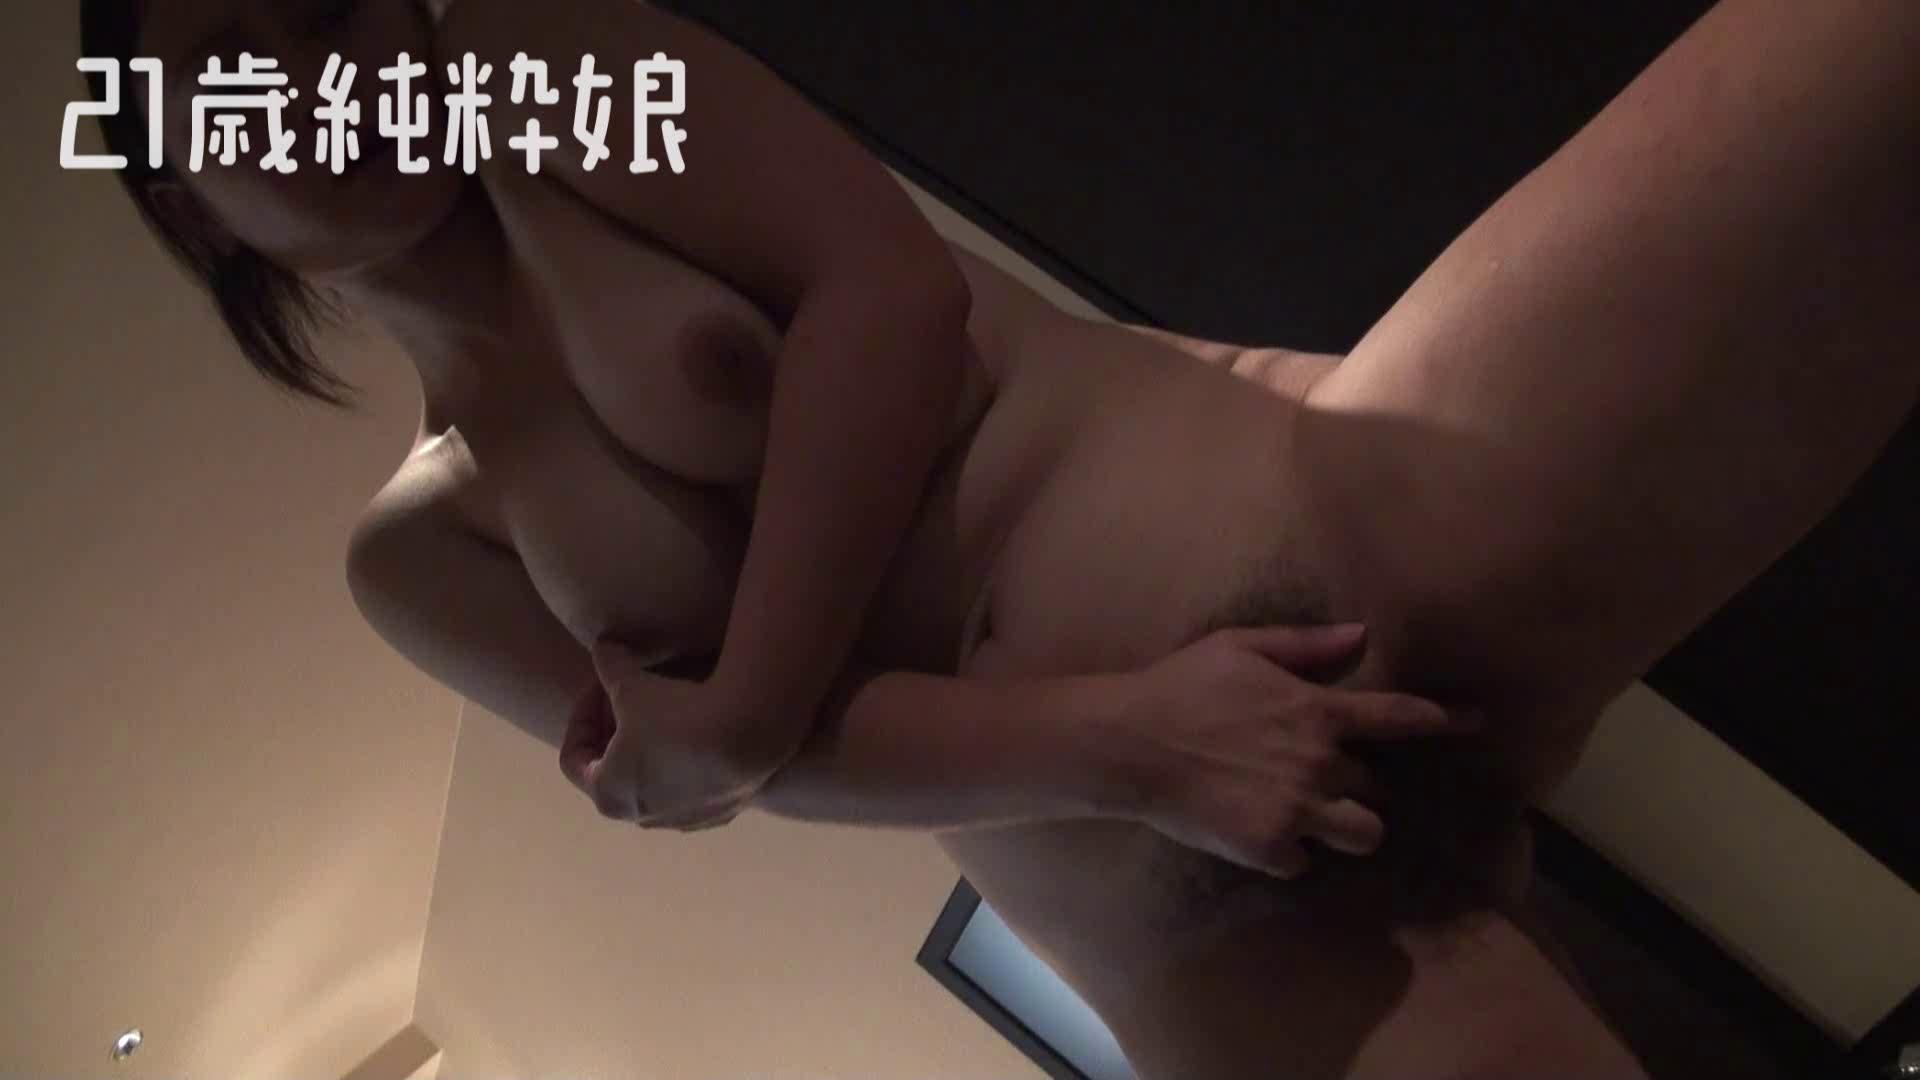 上京したばかりのGカップ21歳純粋嬢を都合の良い女にしてみた2 中出し えろ無修正画像 102pic 15